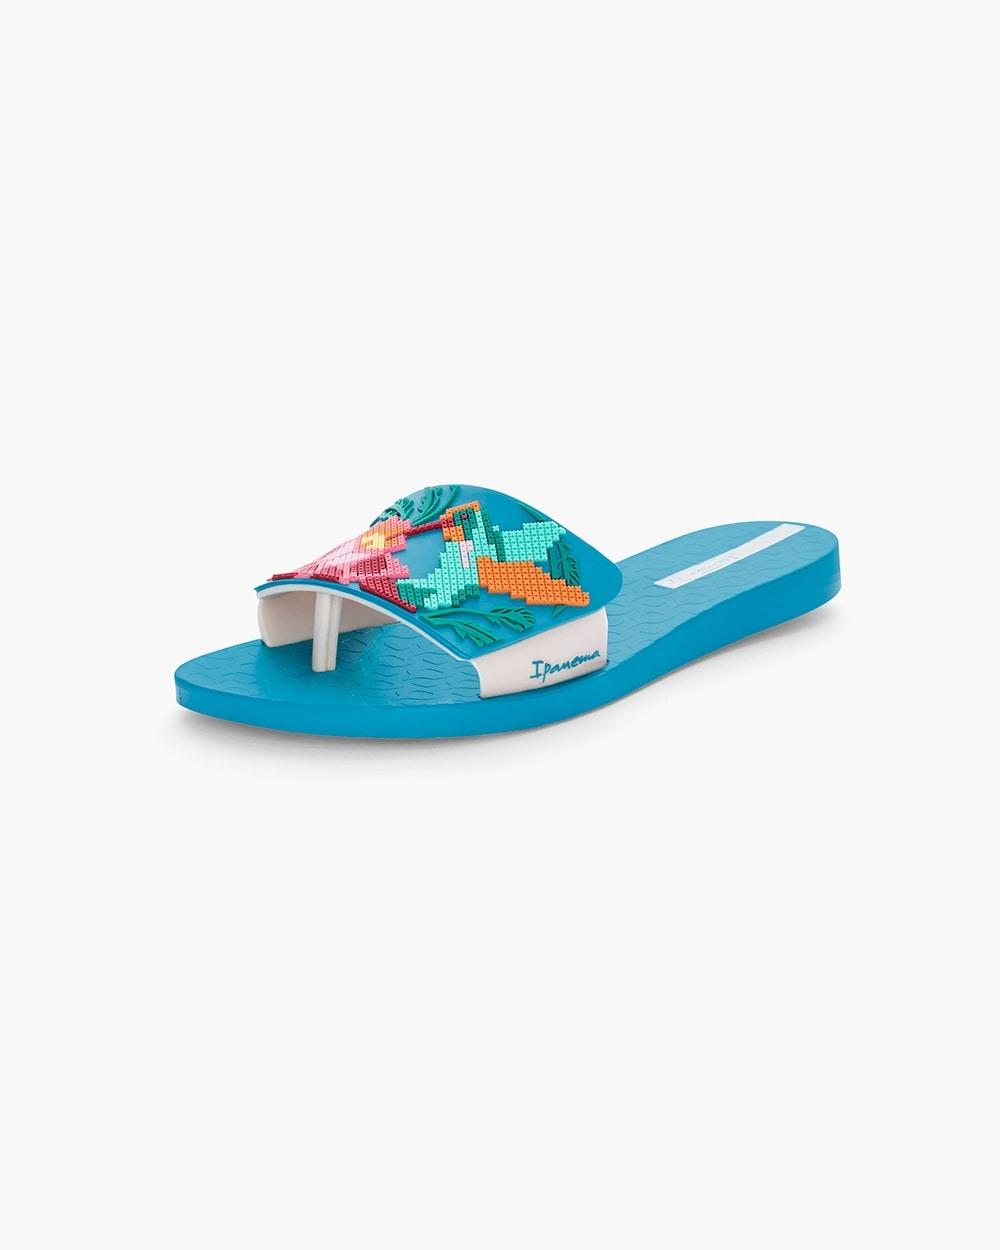 00b1724a422388 570237637. Video. Zoom. Ipanema Blue Floral Beach Sandals